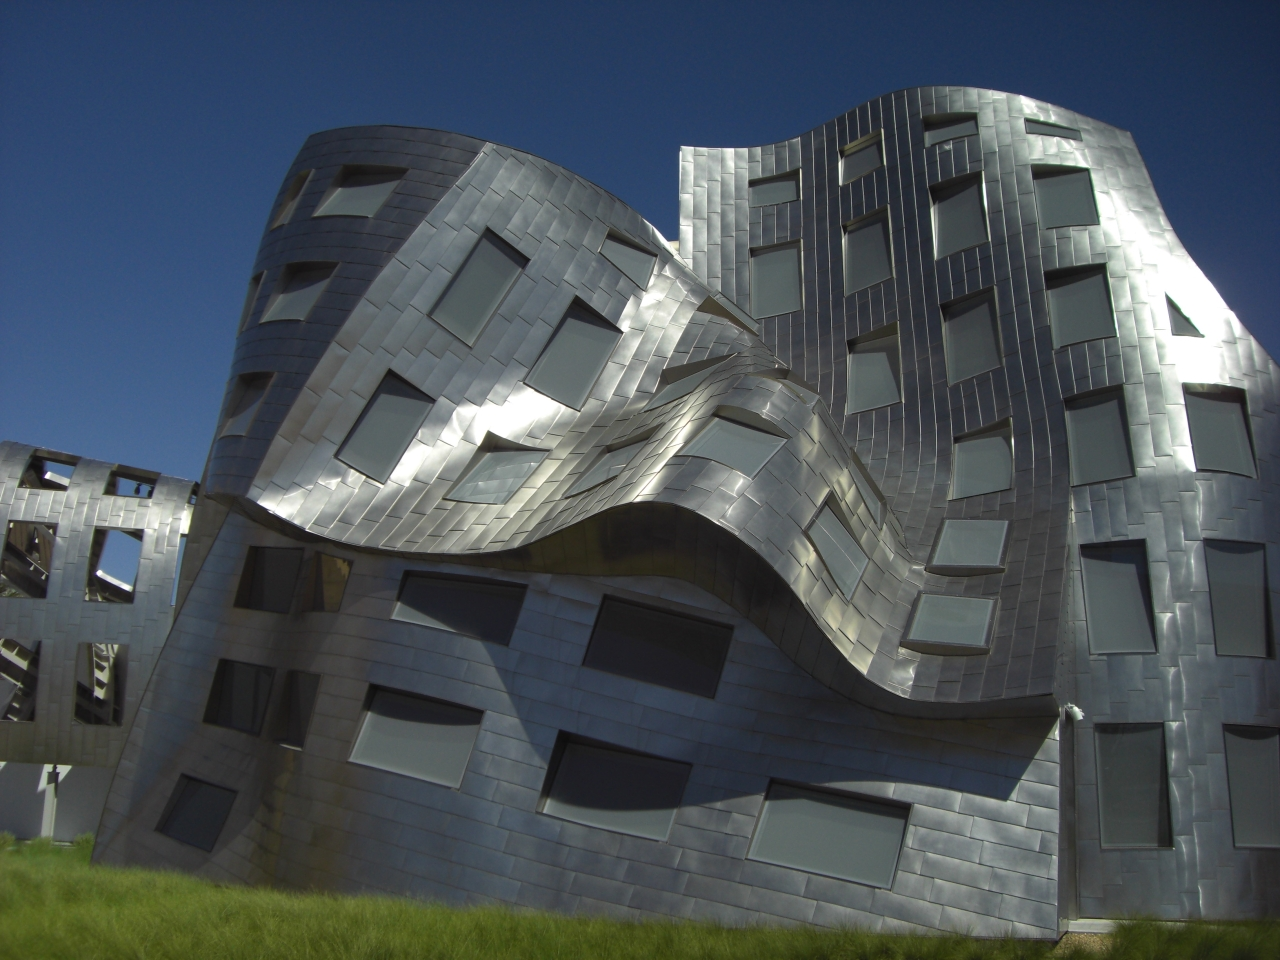 Natürlich bin ich wegen der architektur in vegas anna krusch